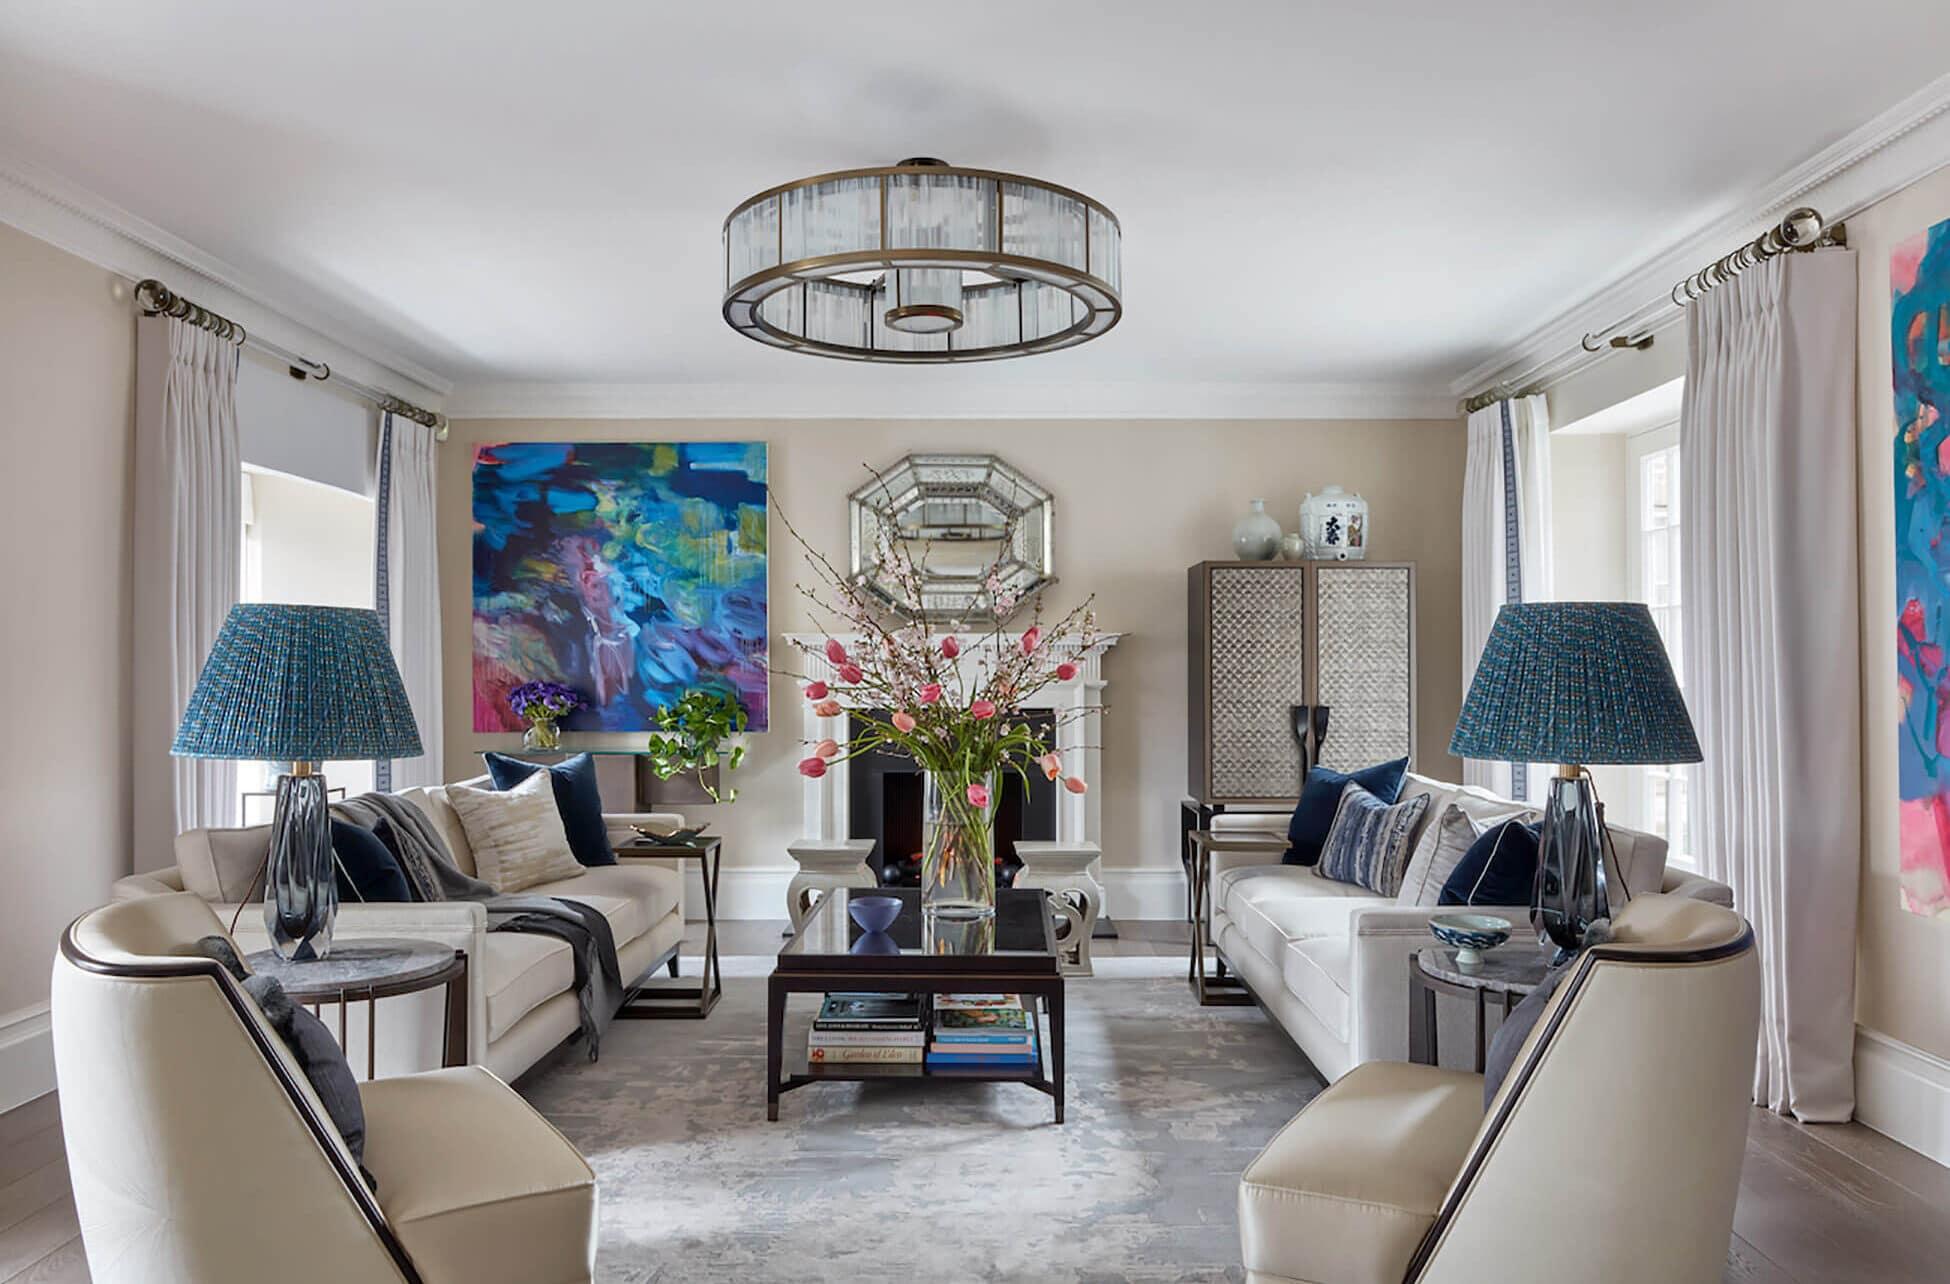 luxury interior designer in Kensington